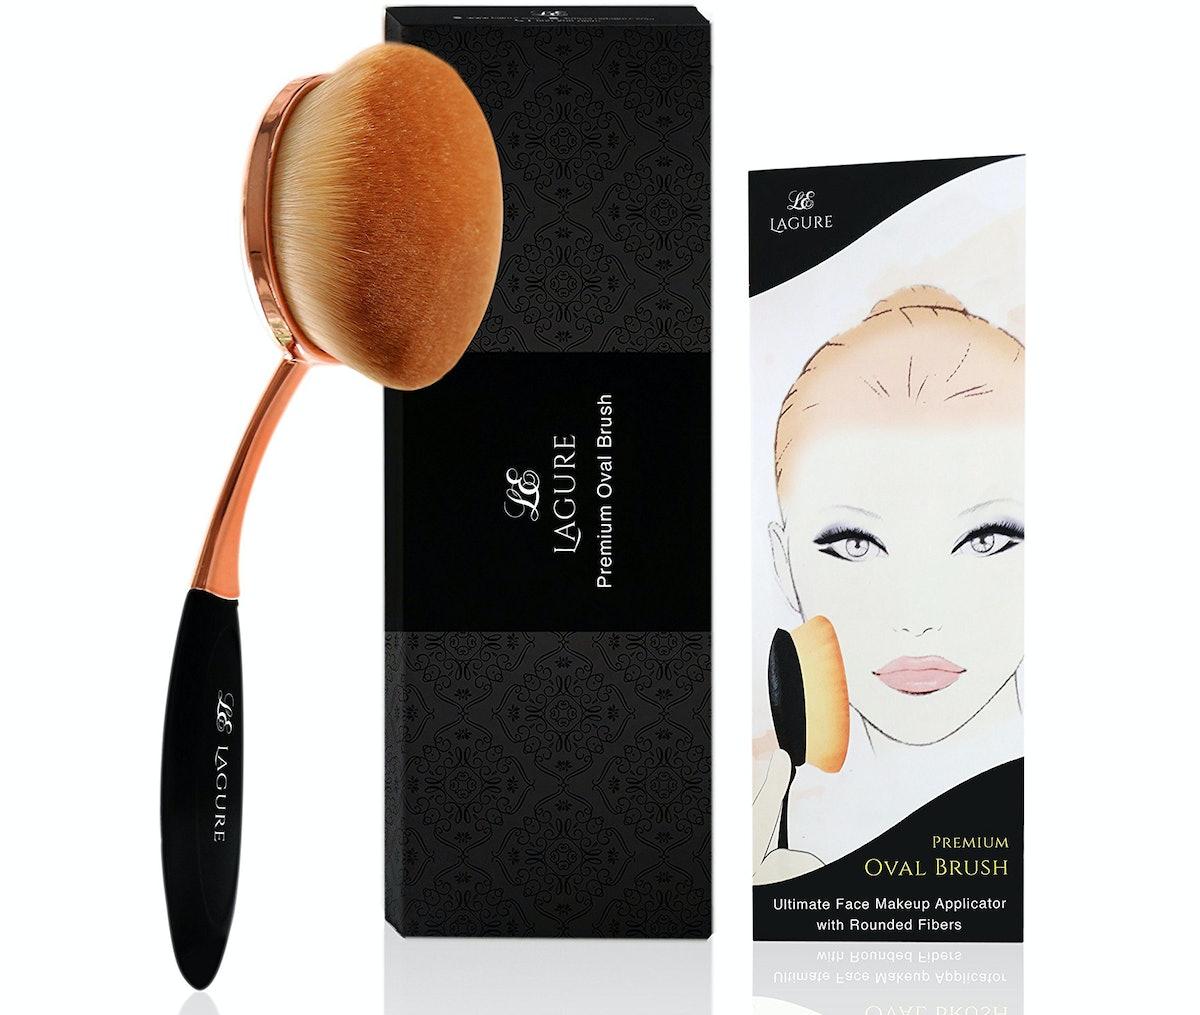 Lagure Premium Oval Brush